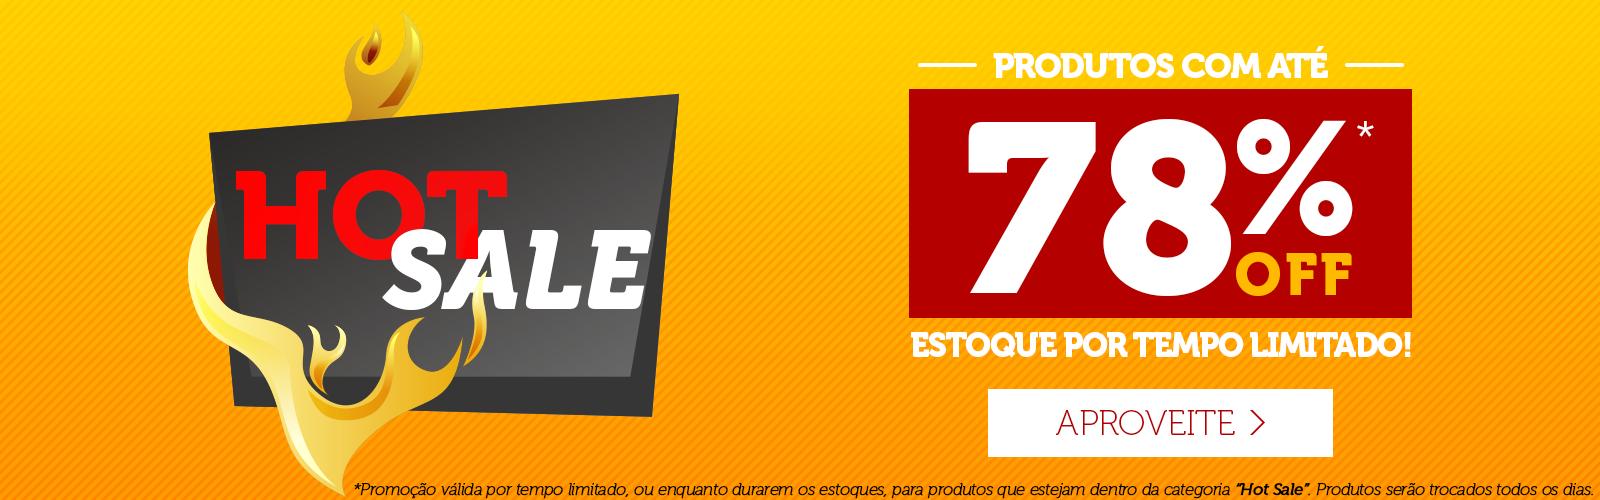 Categoria Hot Sale, com até 78% OFF!